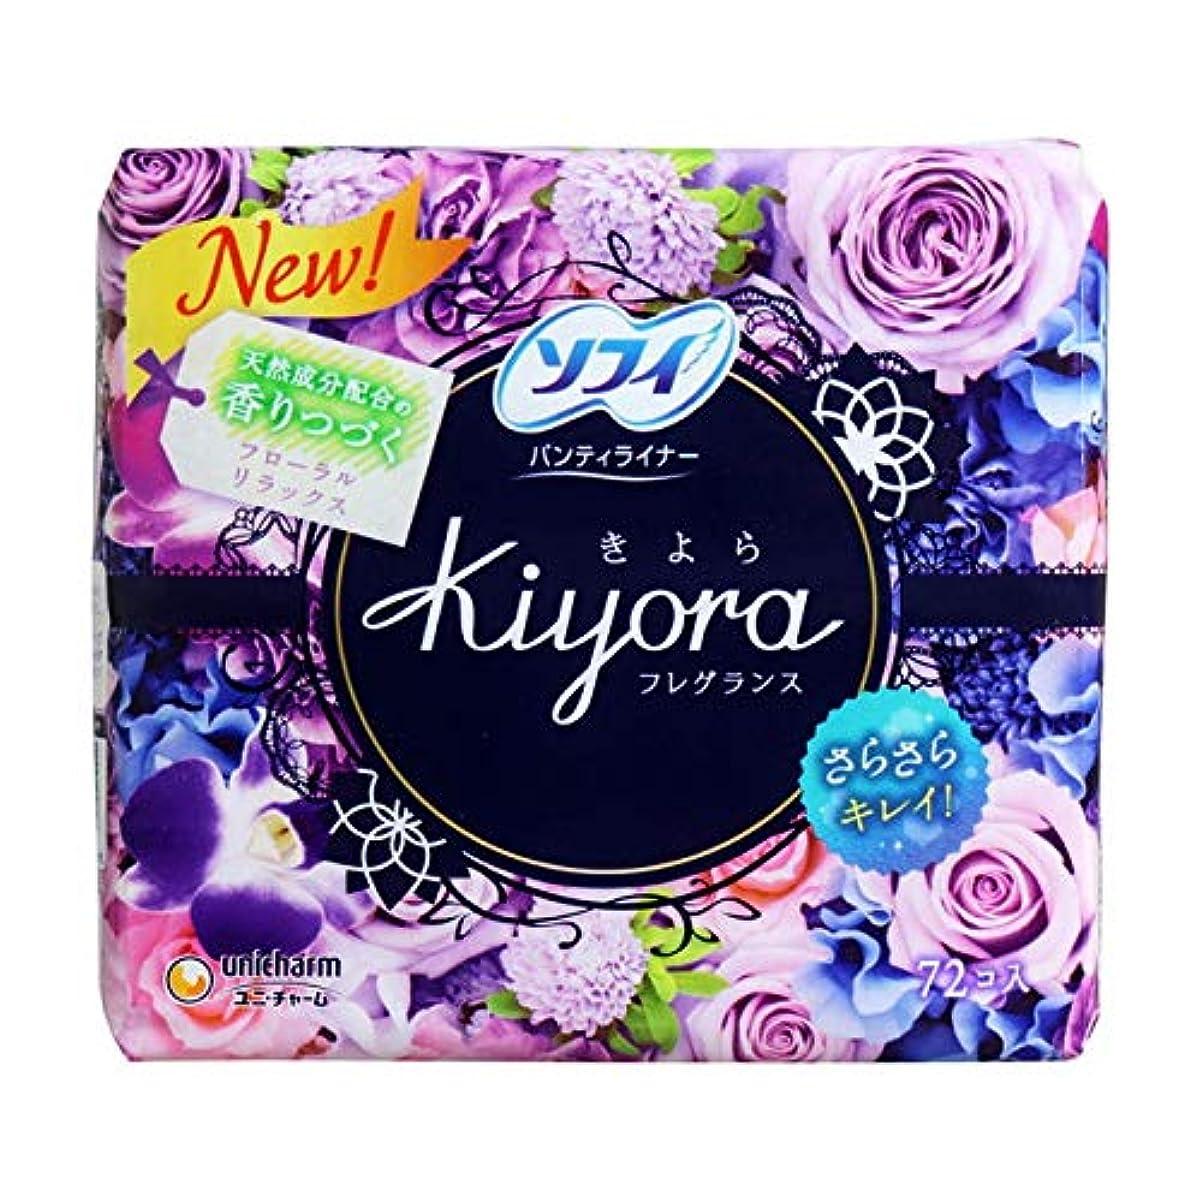 原油正しくかわいらしいソフィ Kiyora(キヨラ) フレグランスパンティライナー フローラルリラックス 72枚【3個セット】